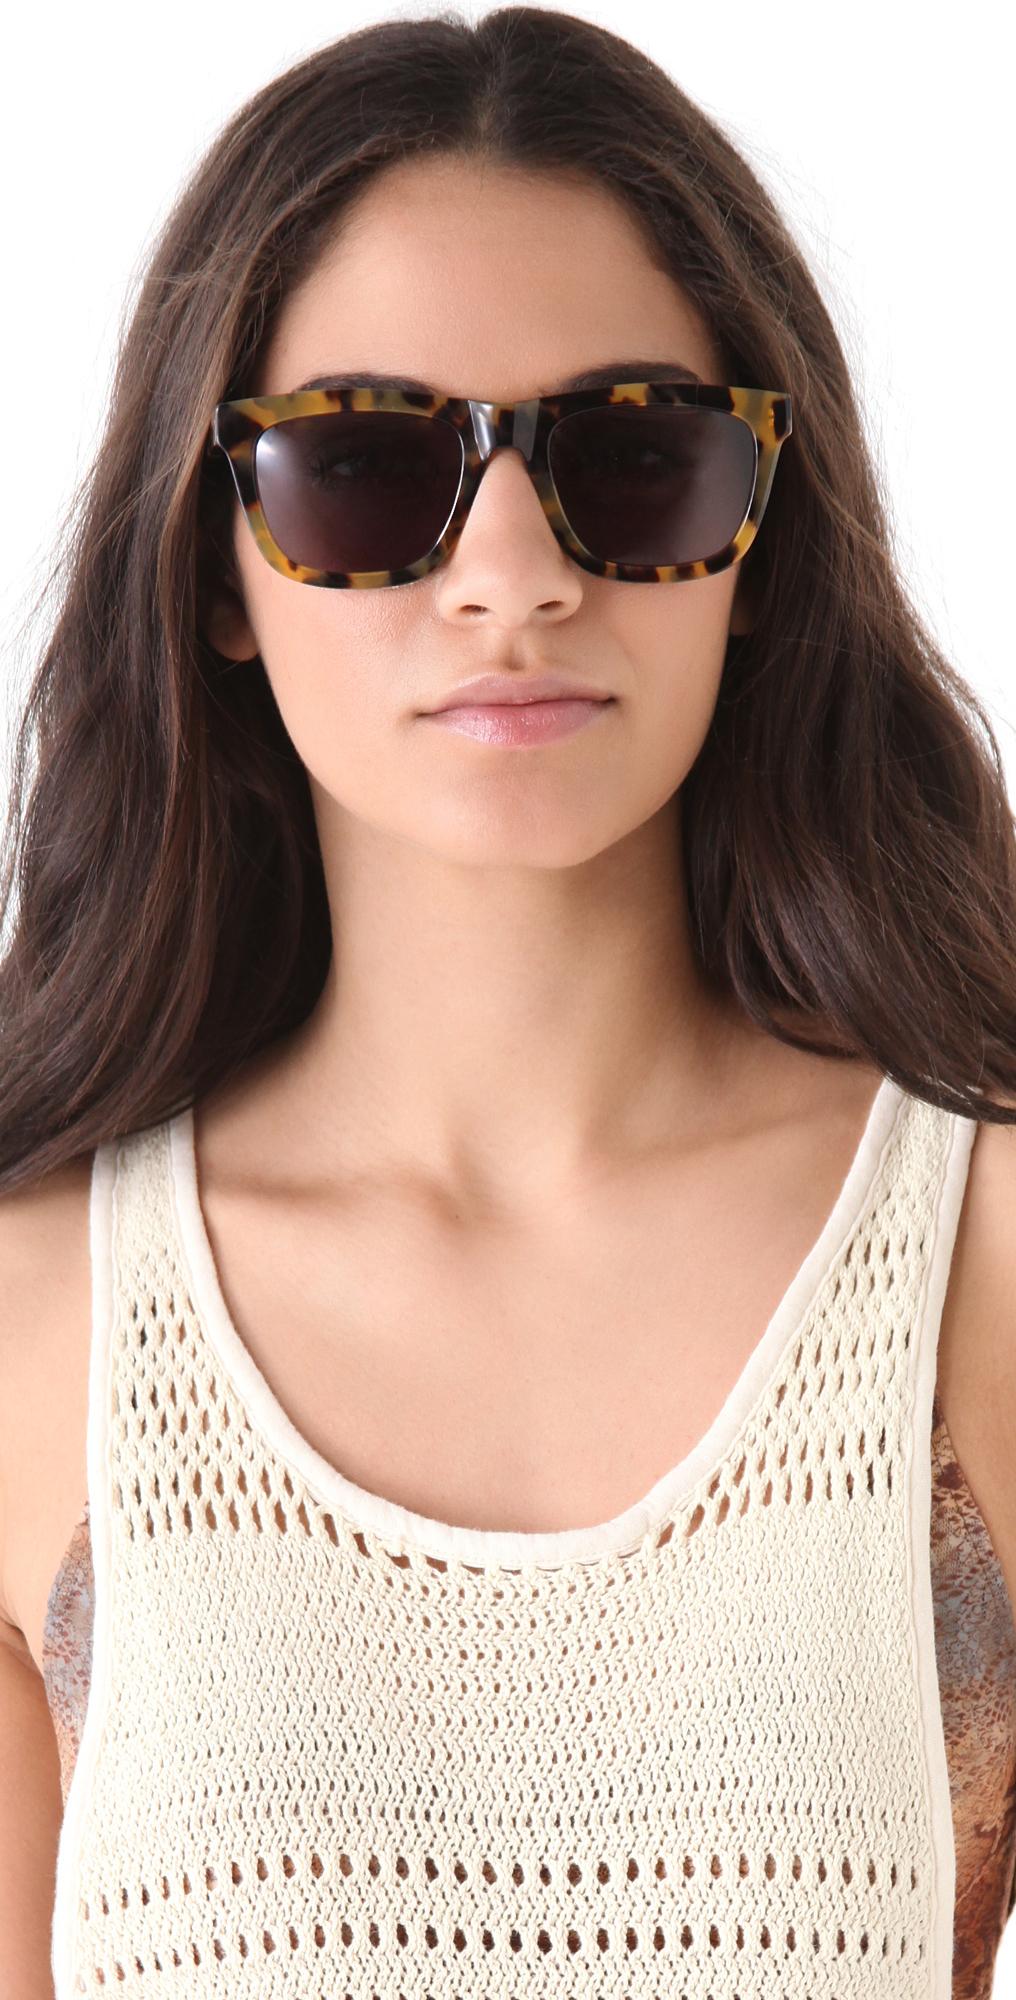 055ef92de54f Lyst - Karen Walker Deep Freeze Sunglasses in Brown